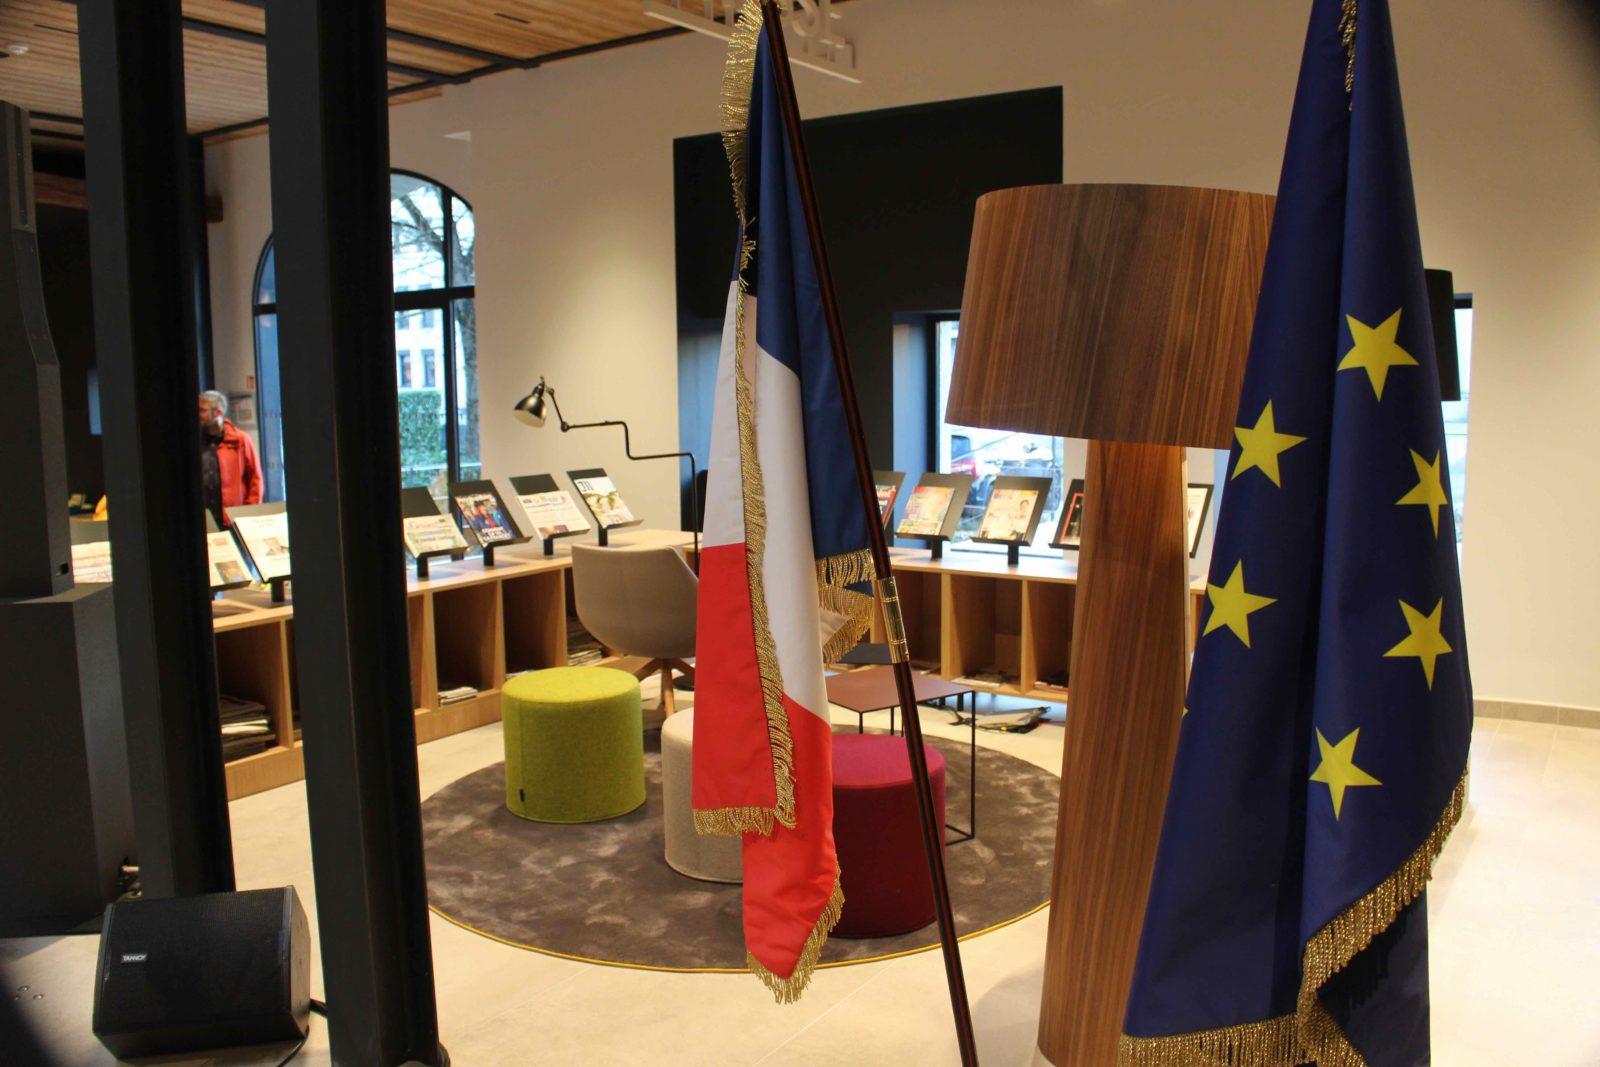 médiathèque de Ferney-Voltaire intérieur